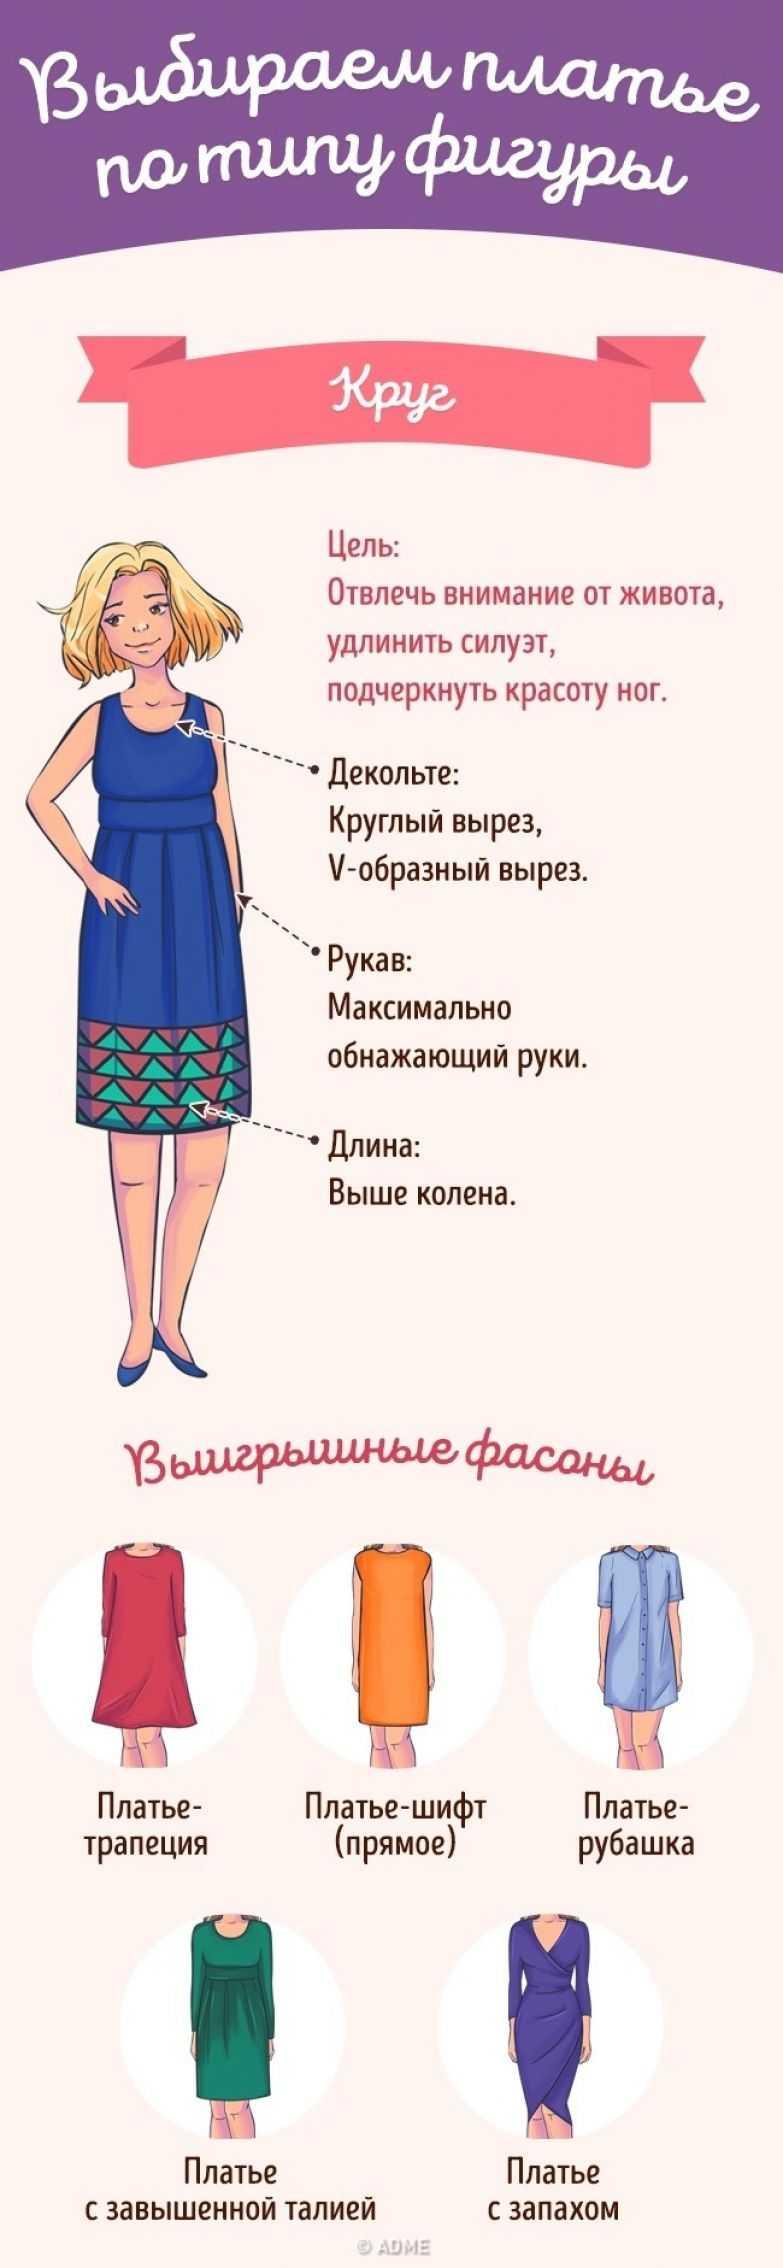 Выбираем идеальное свадебное платье по фигуре